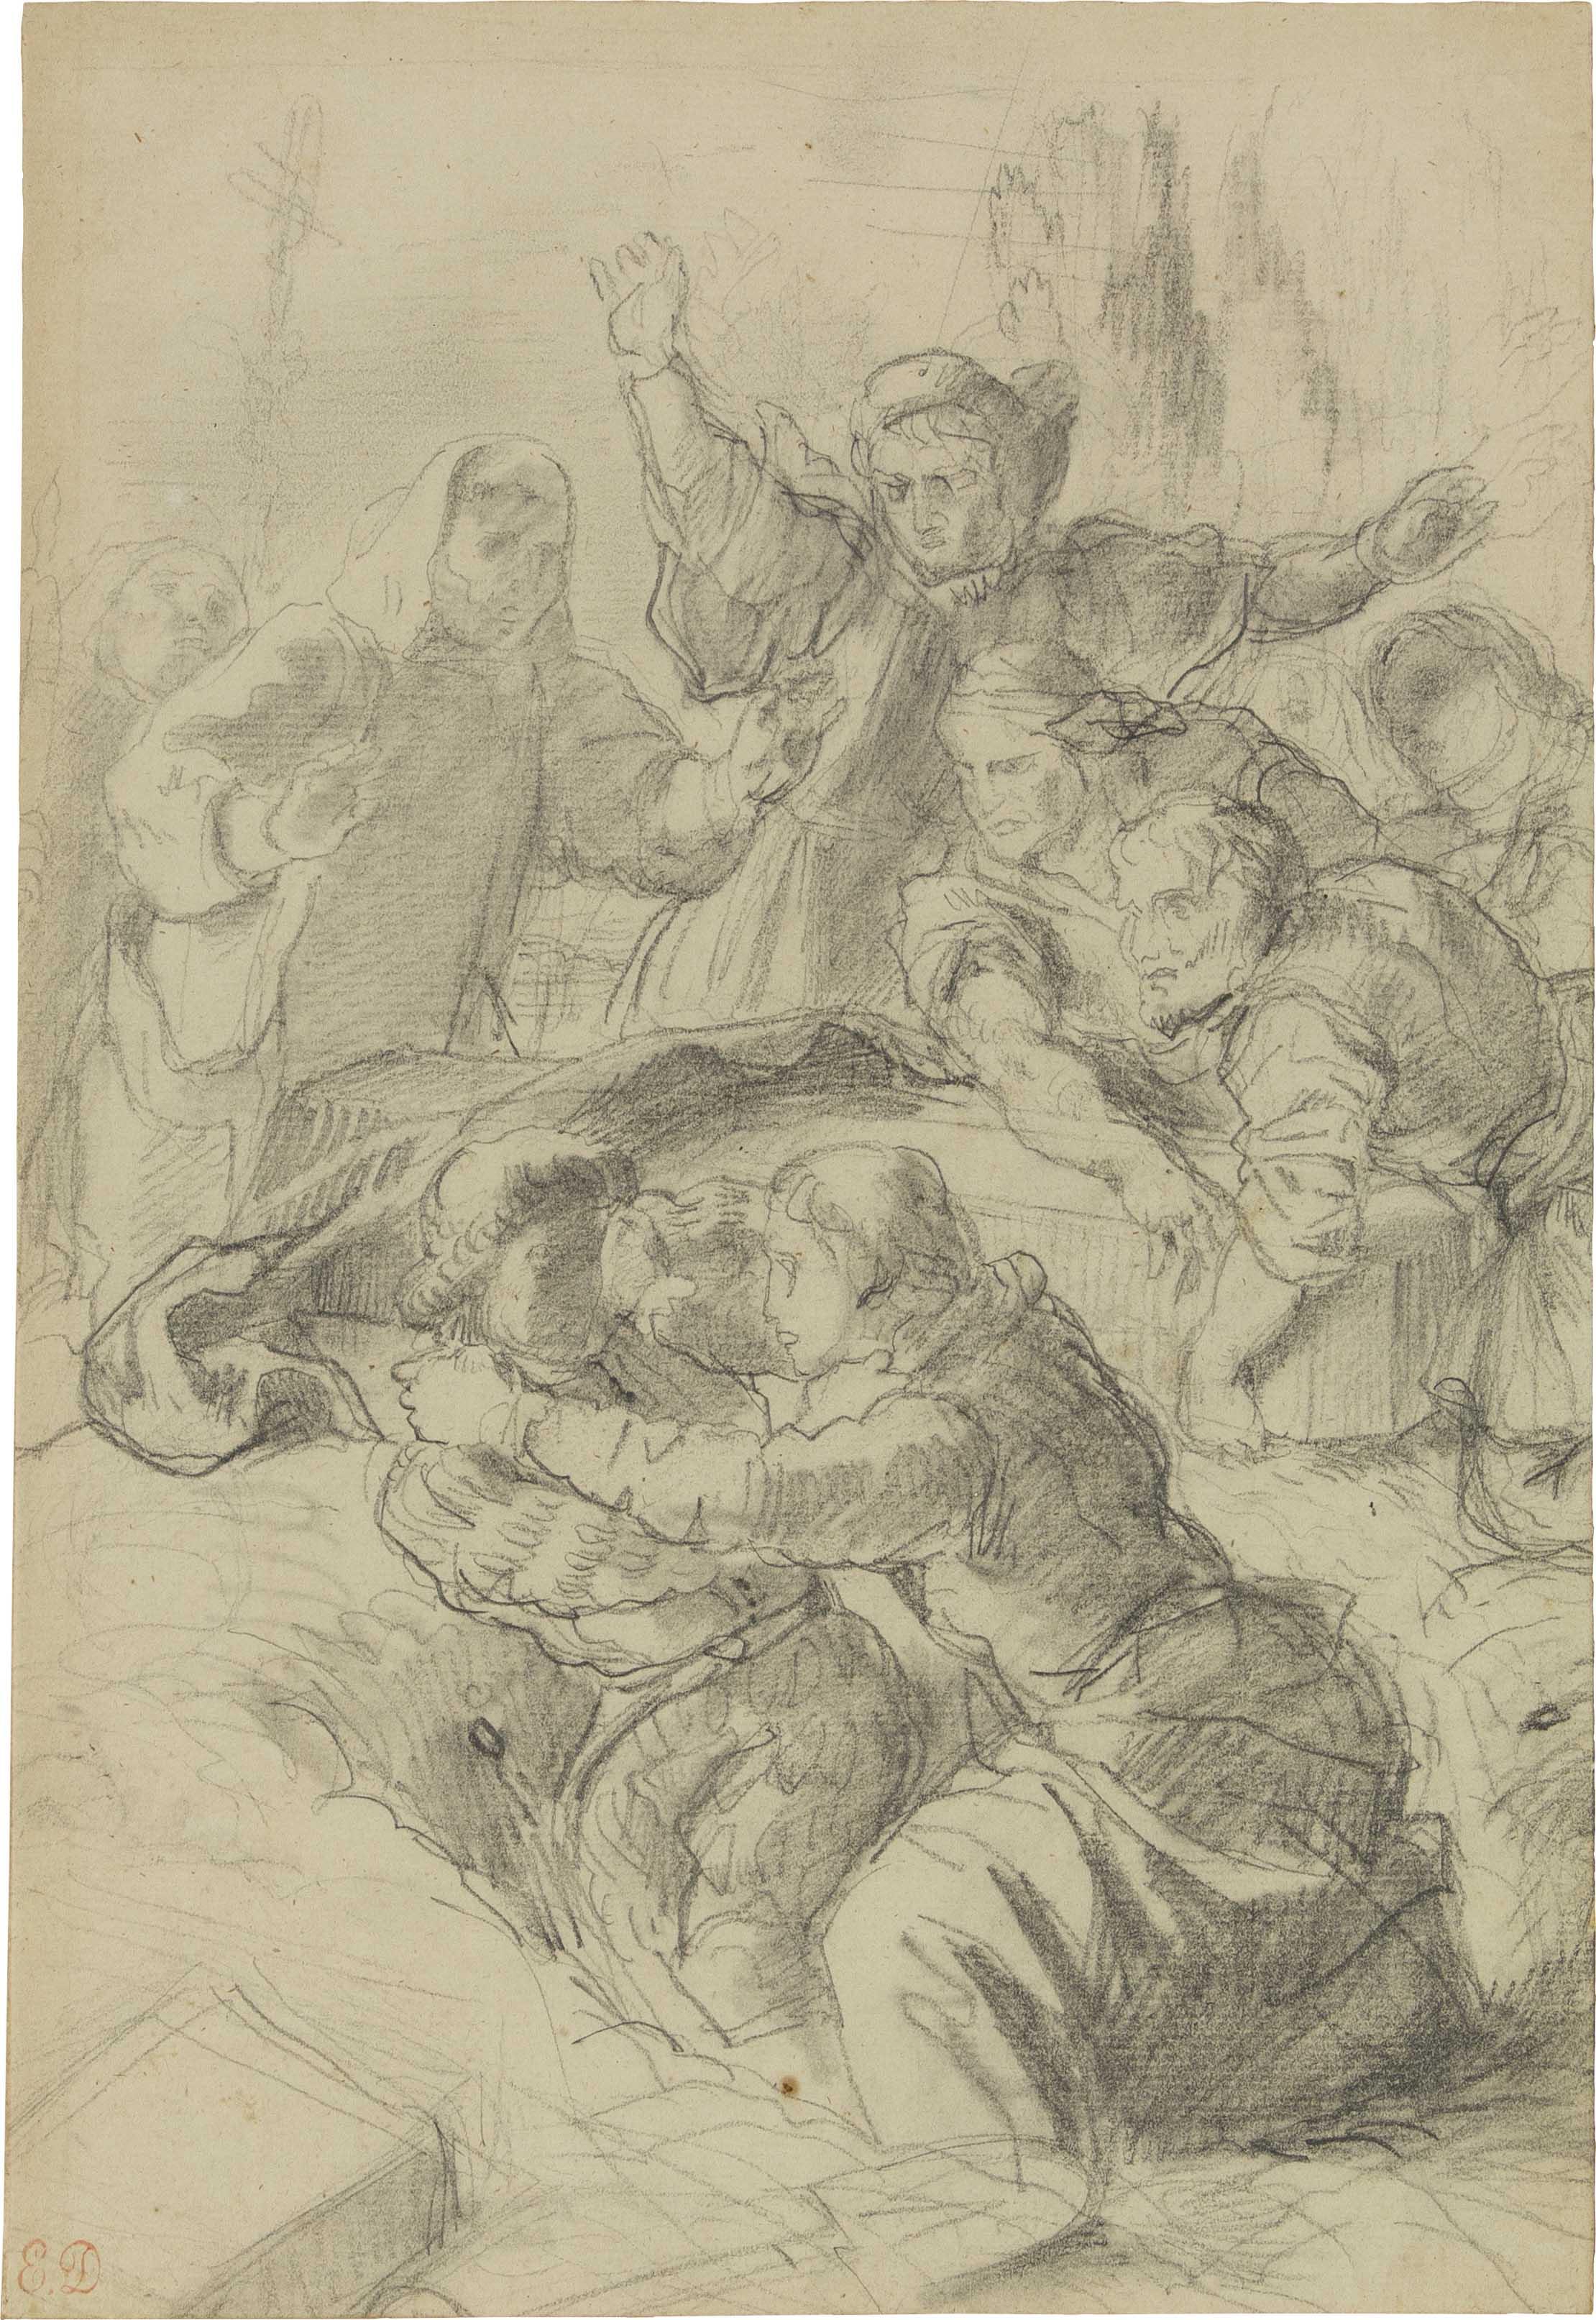 Hamlet et Laertes dans la fosse d'Ophélie